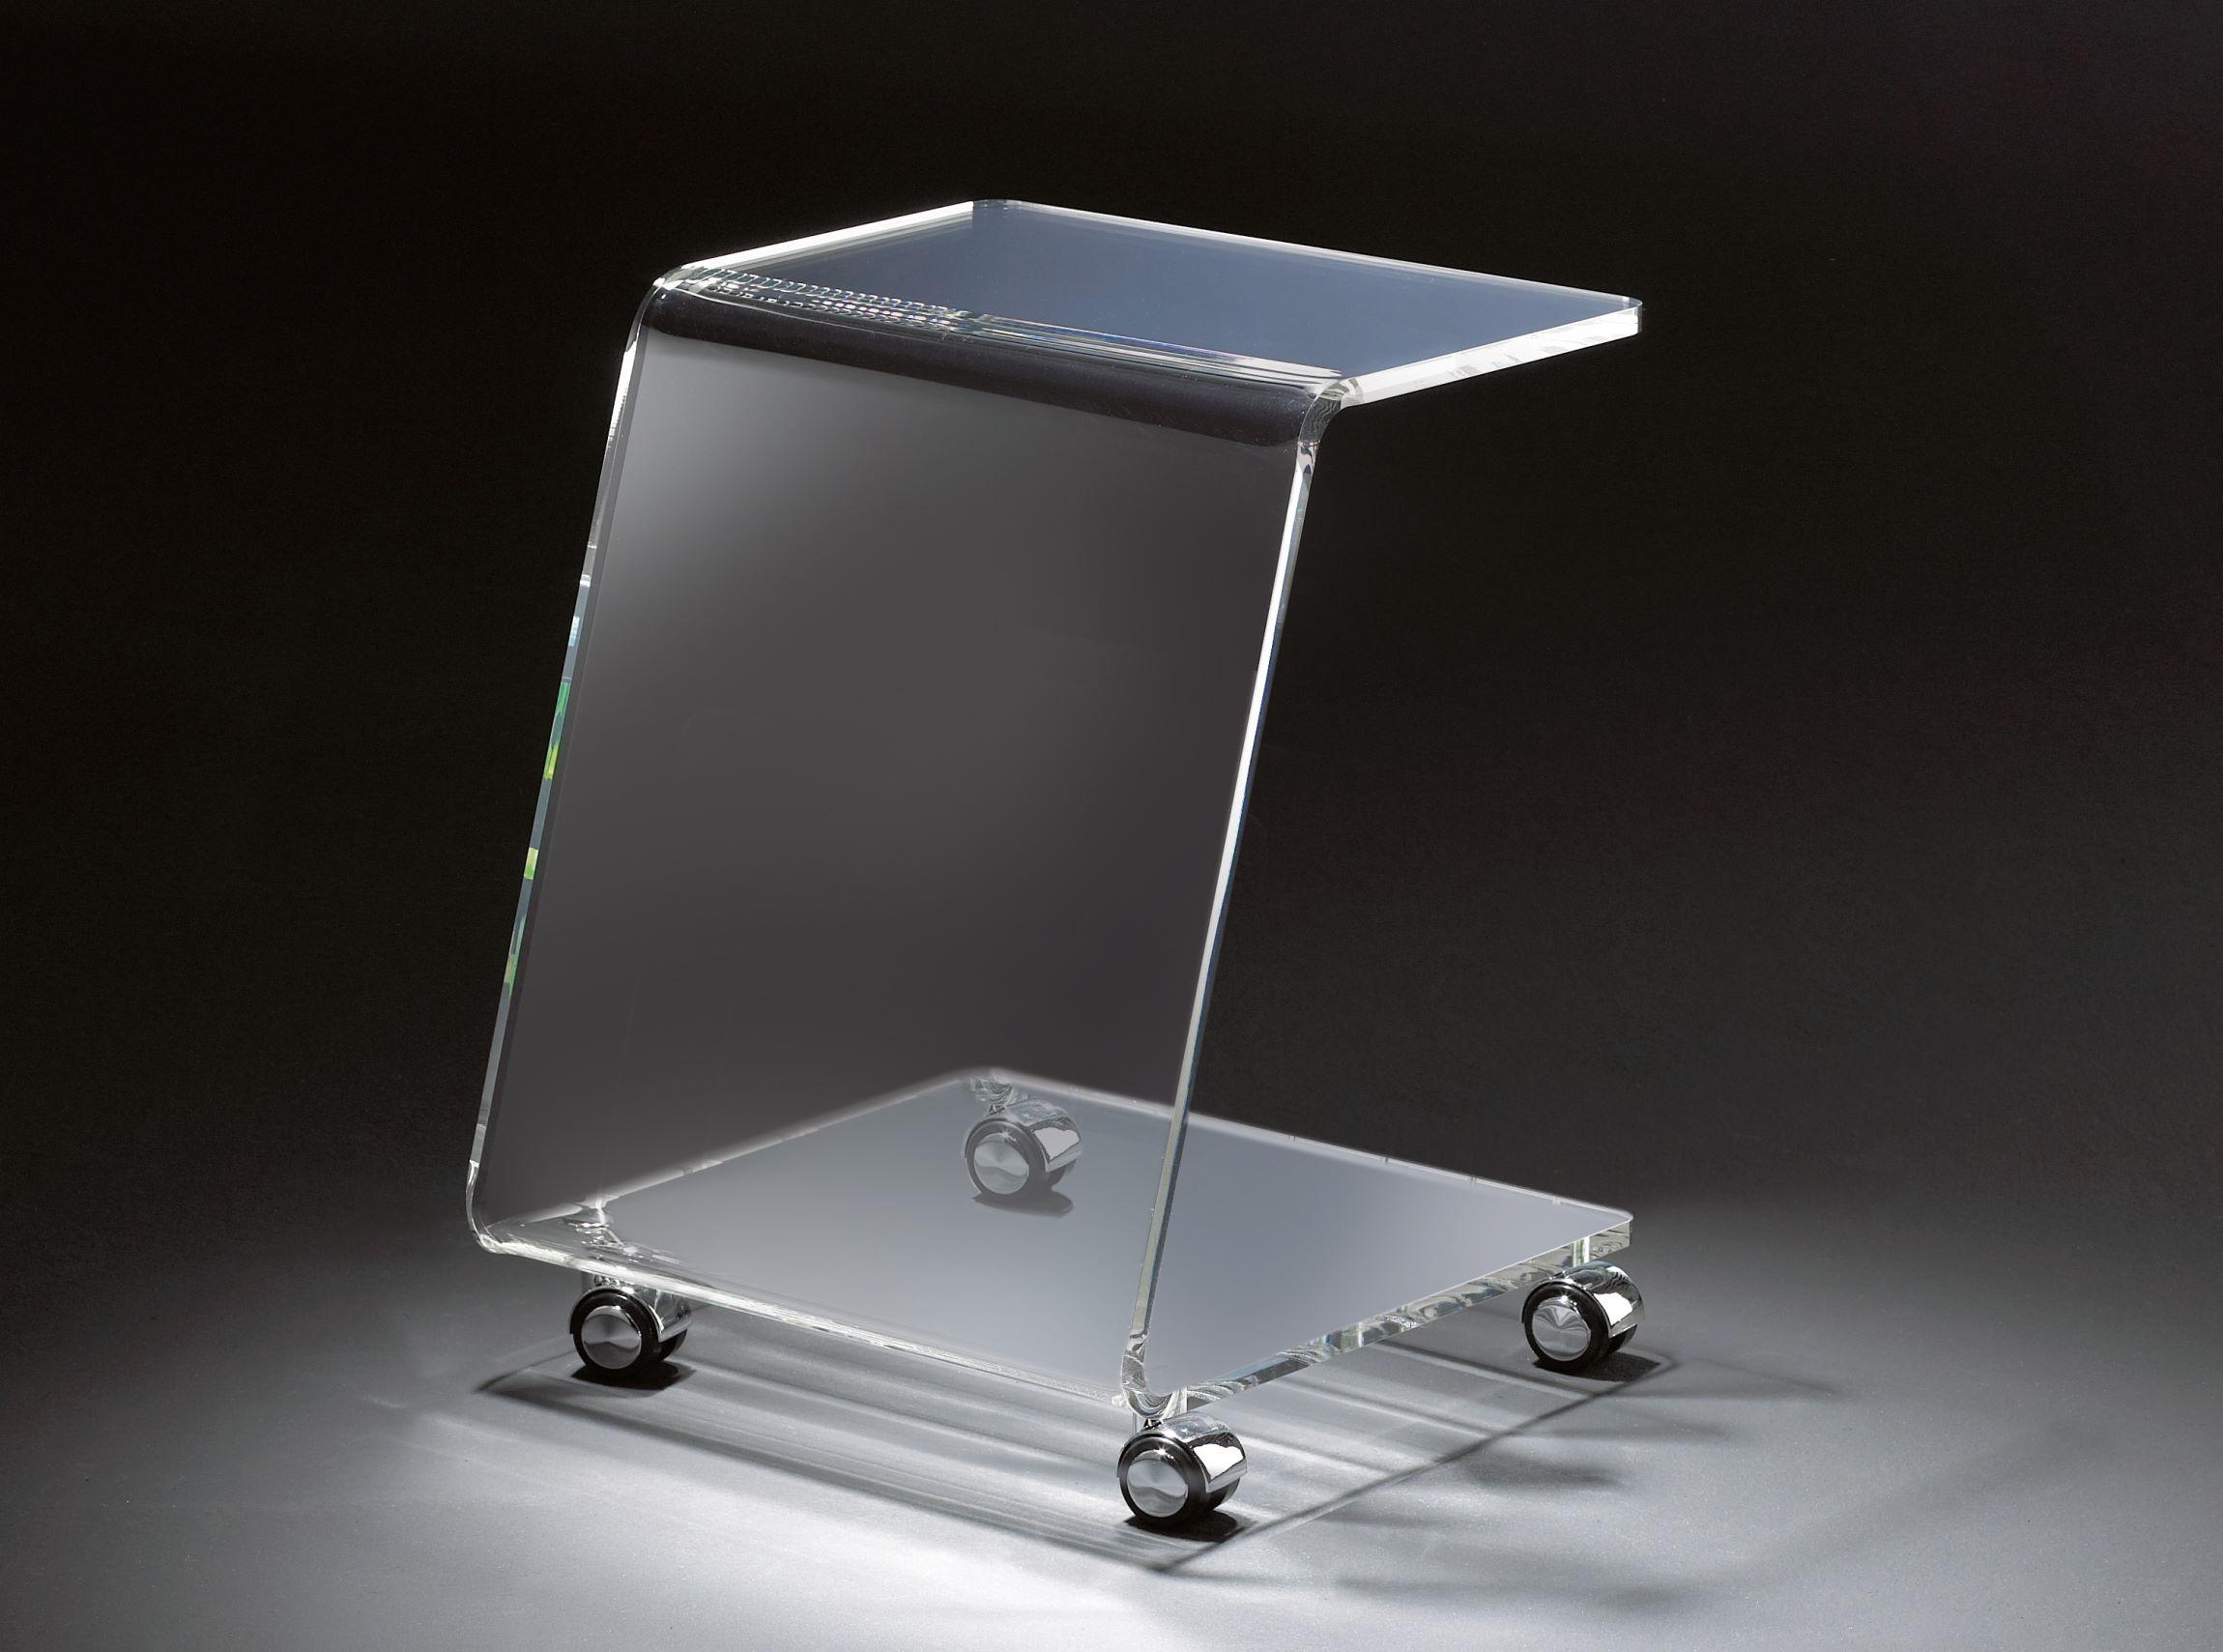 Bemerkenswert Glasbeistelltisch Das Beste Von Hochwertiger Acryl-glas Beistelltisch Mit Chromrollen, Klar, 37